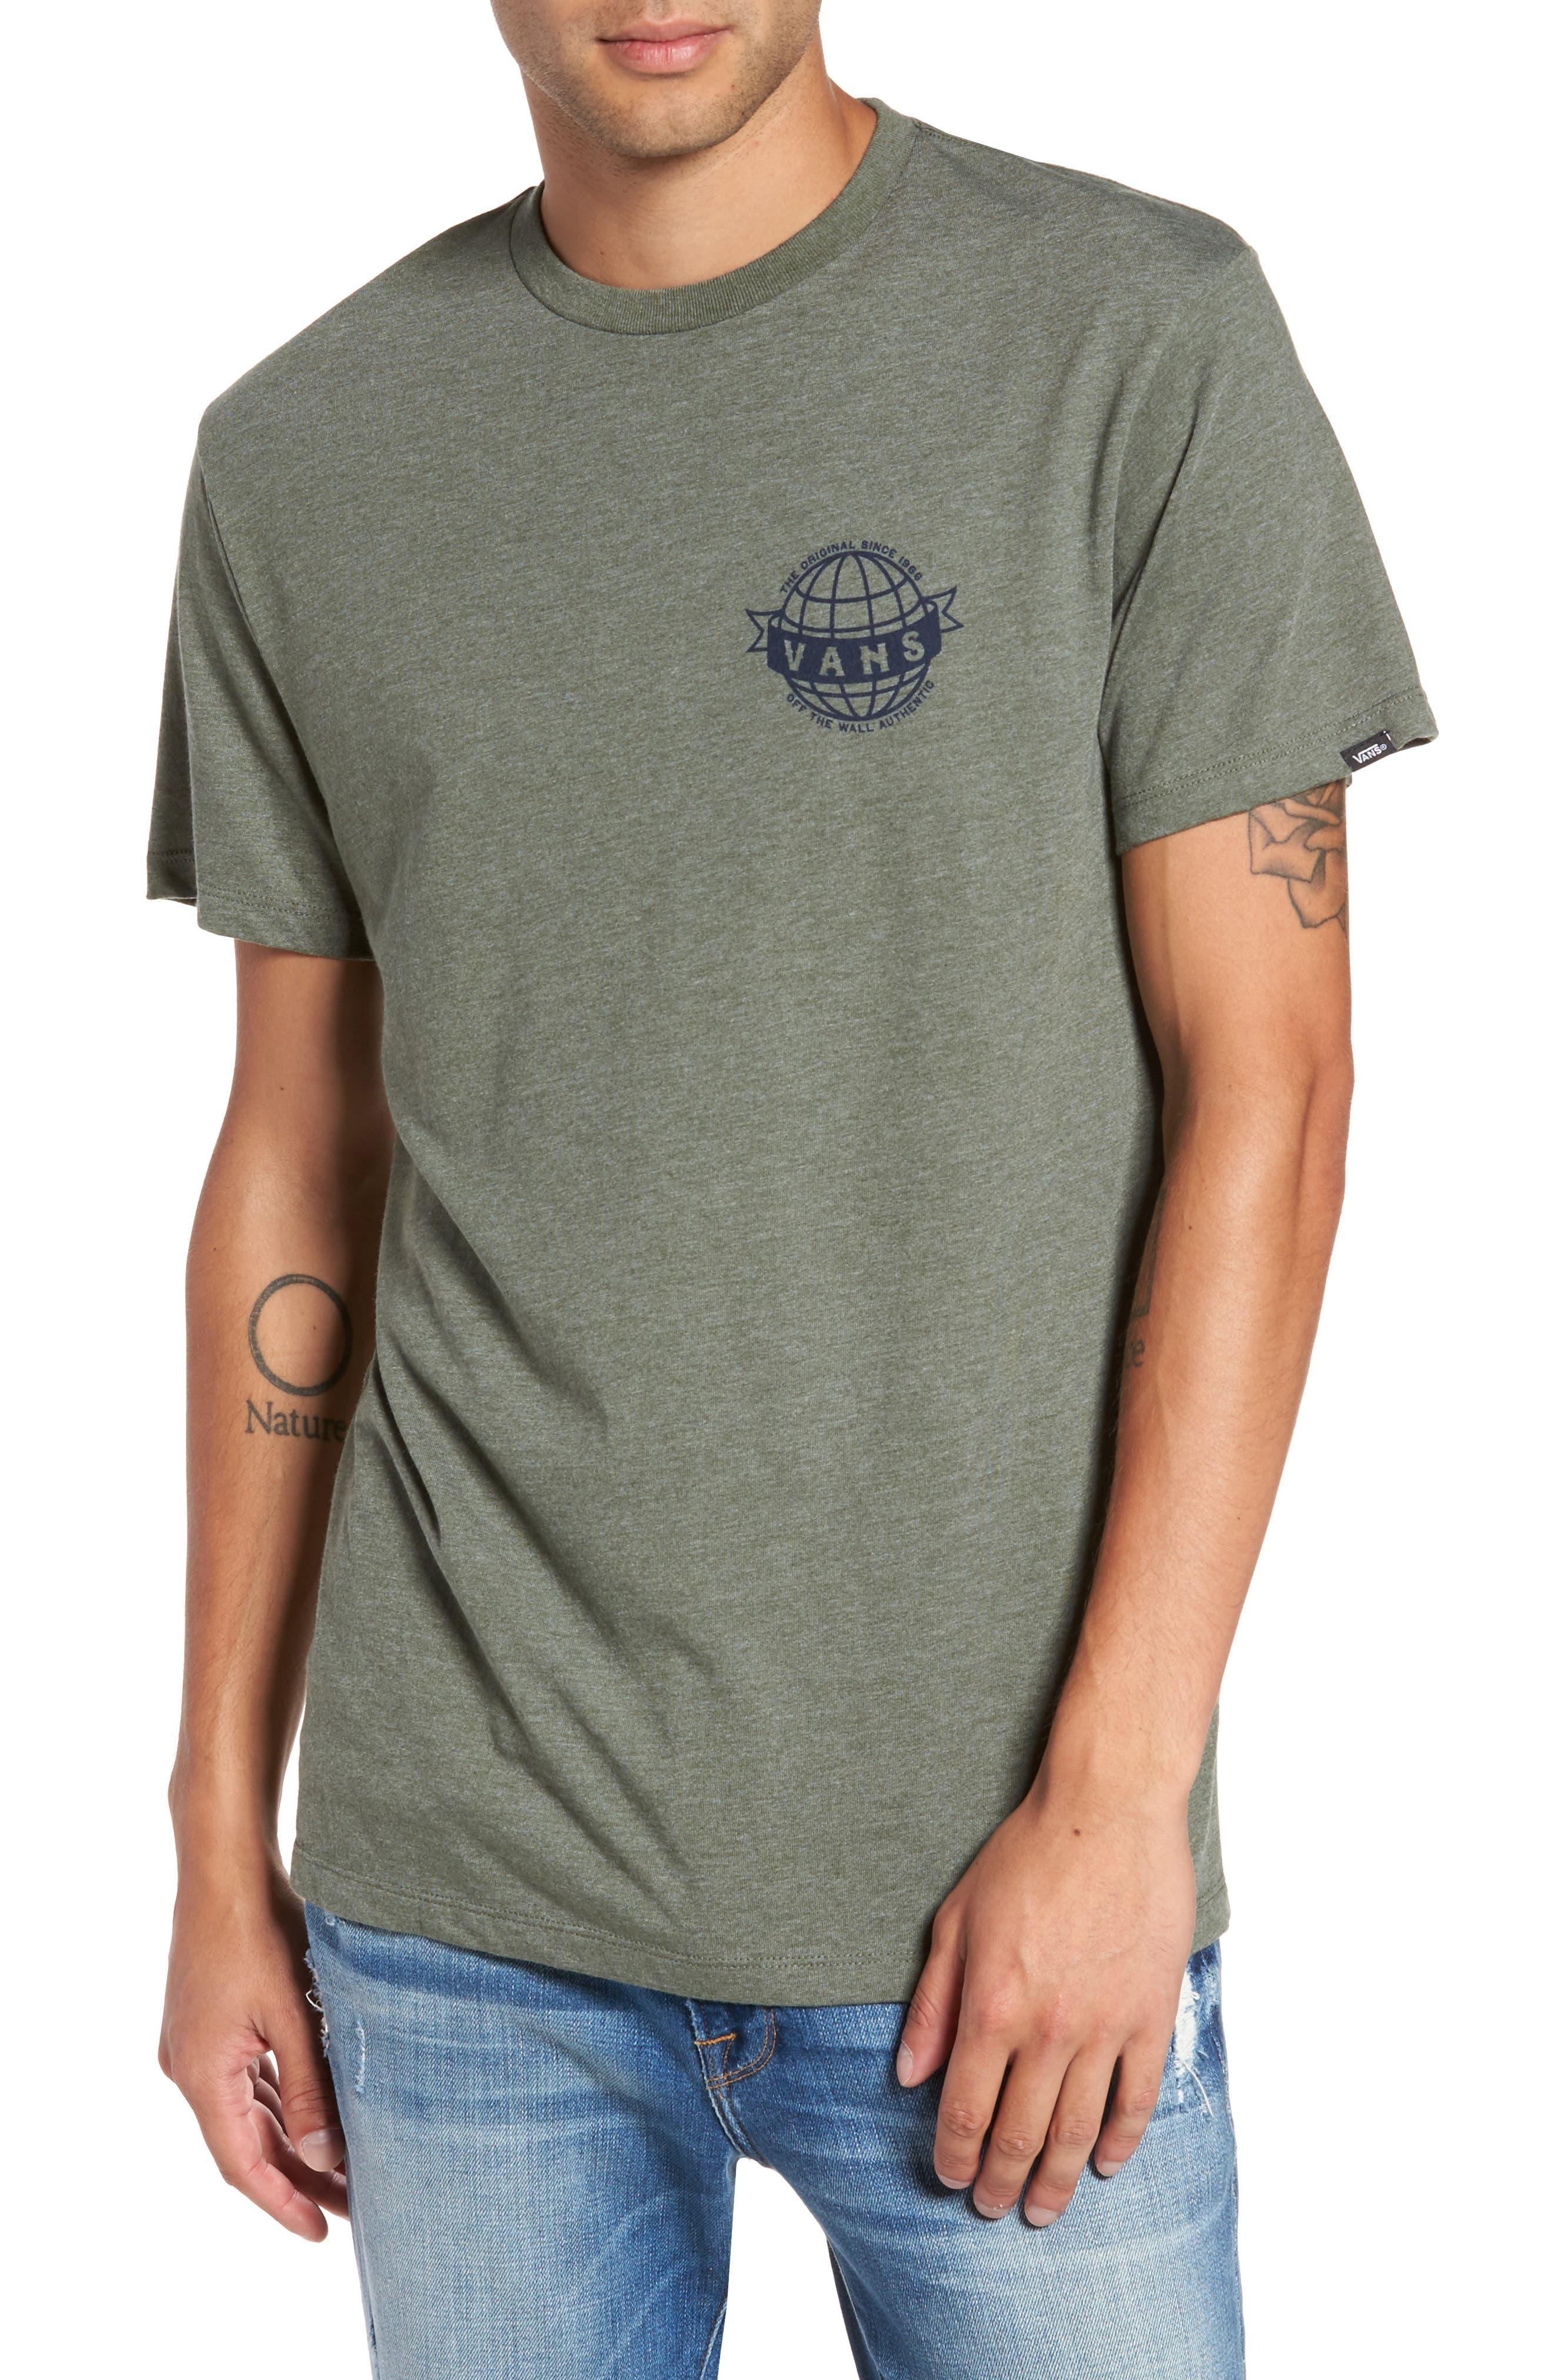 Main Image - Vans Global Landing Logo Graphic T-Shirt